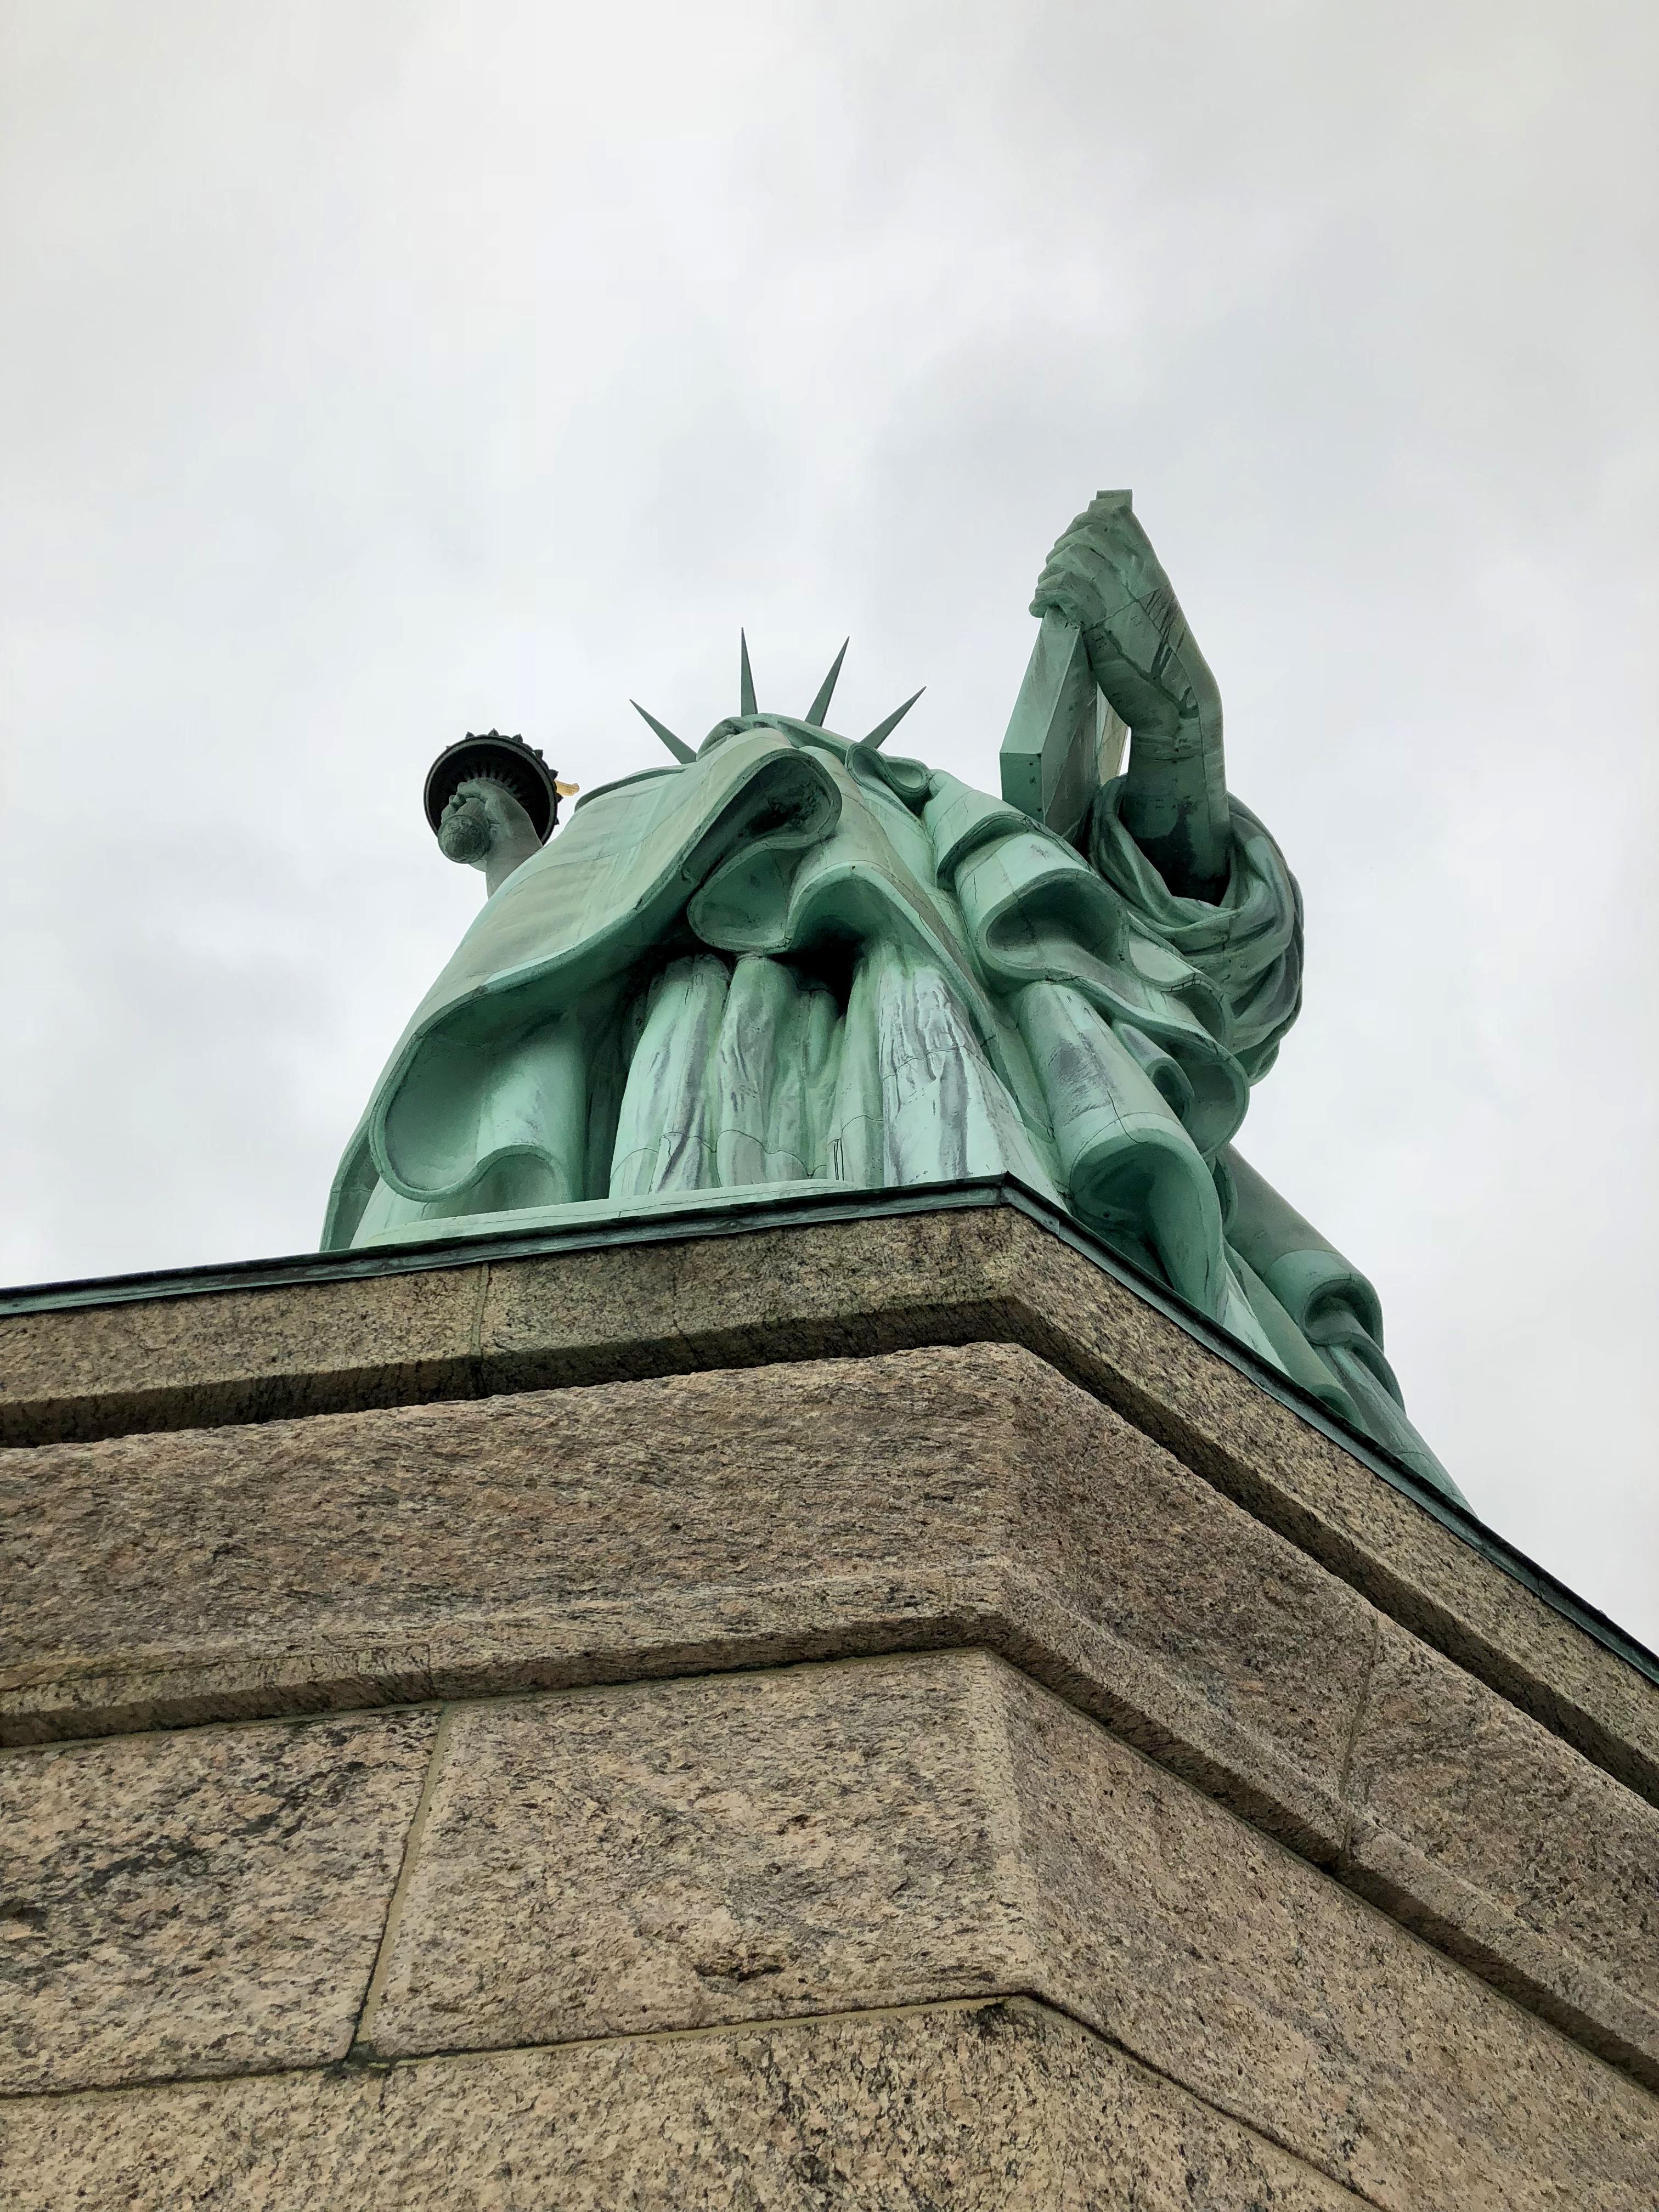 Thursday Doors Statue Of Liberty Pedestal